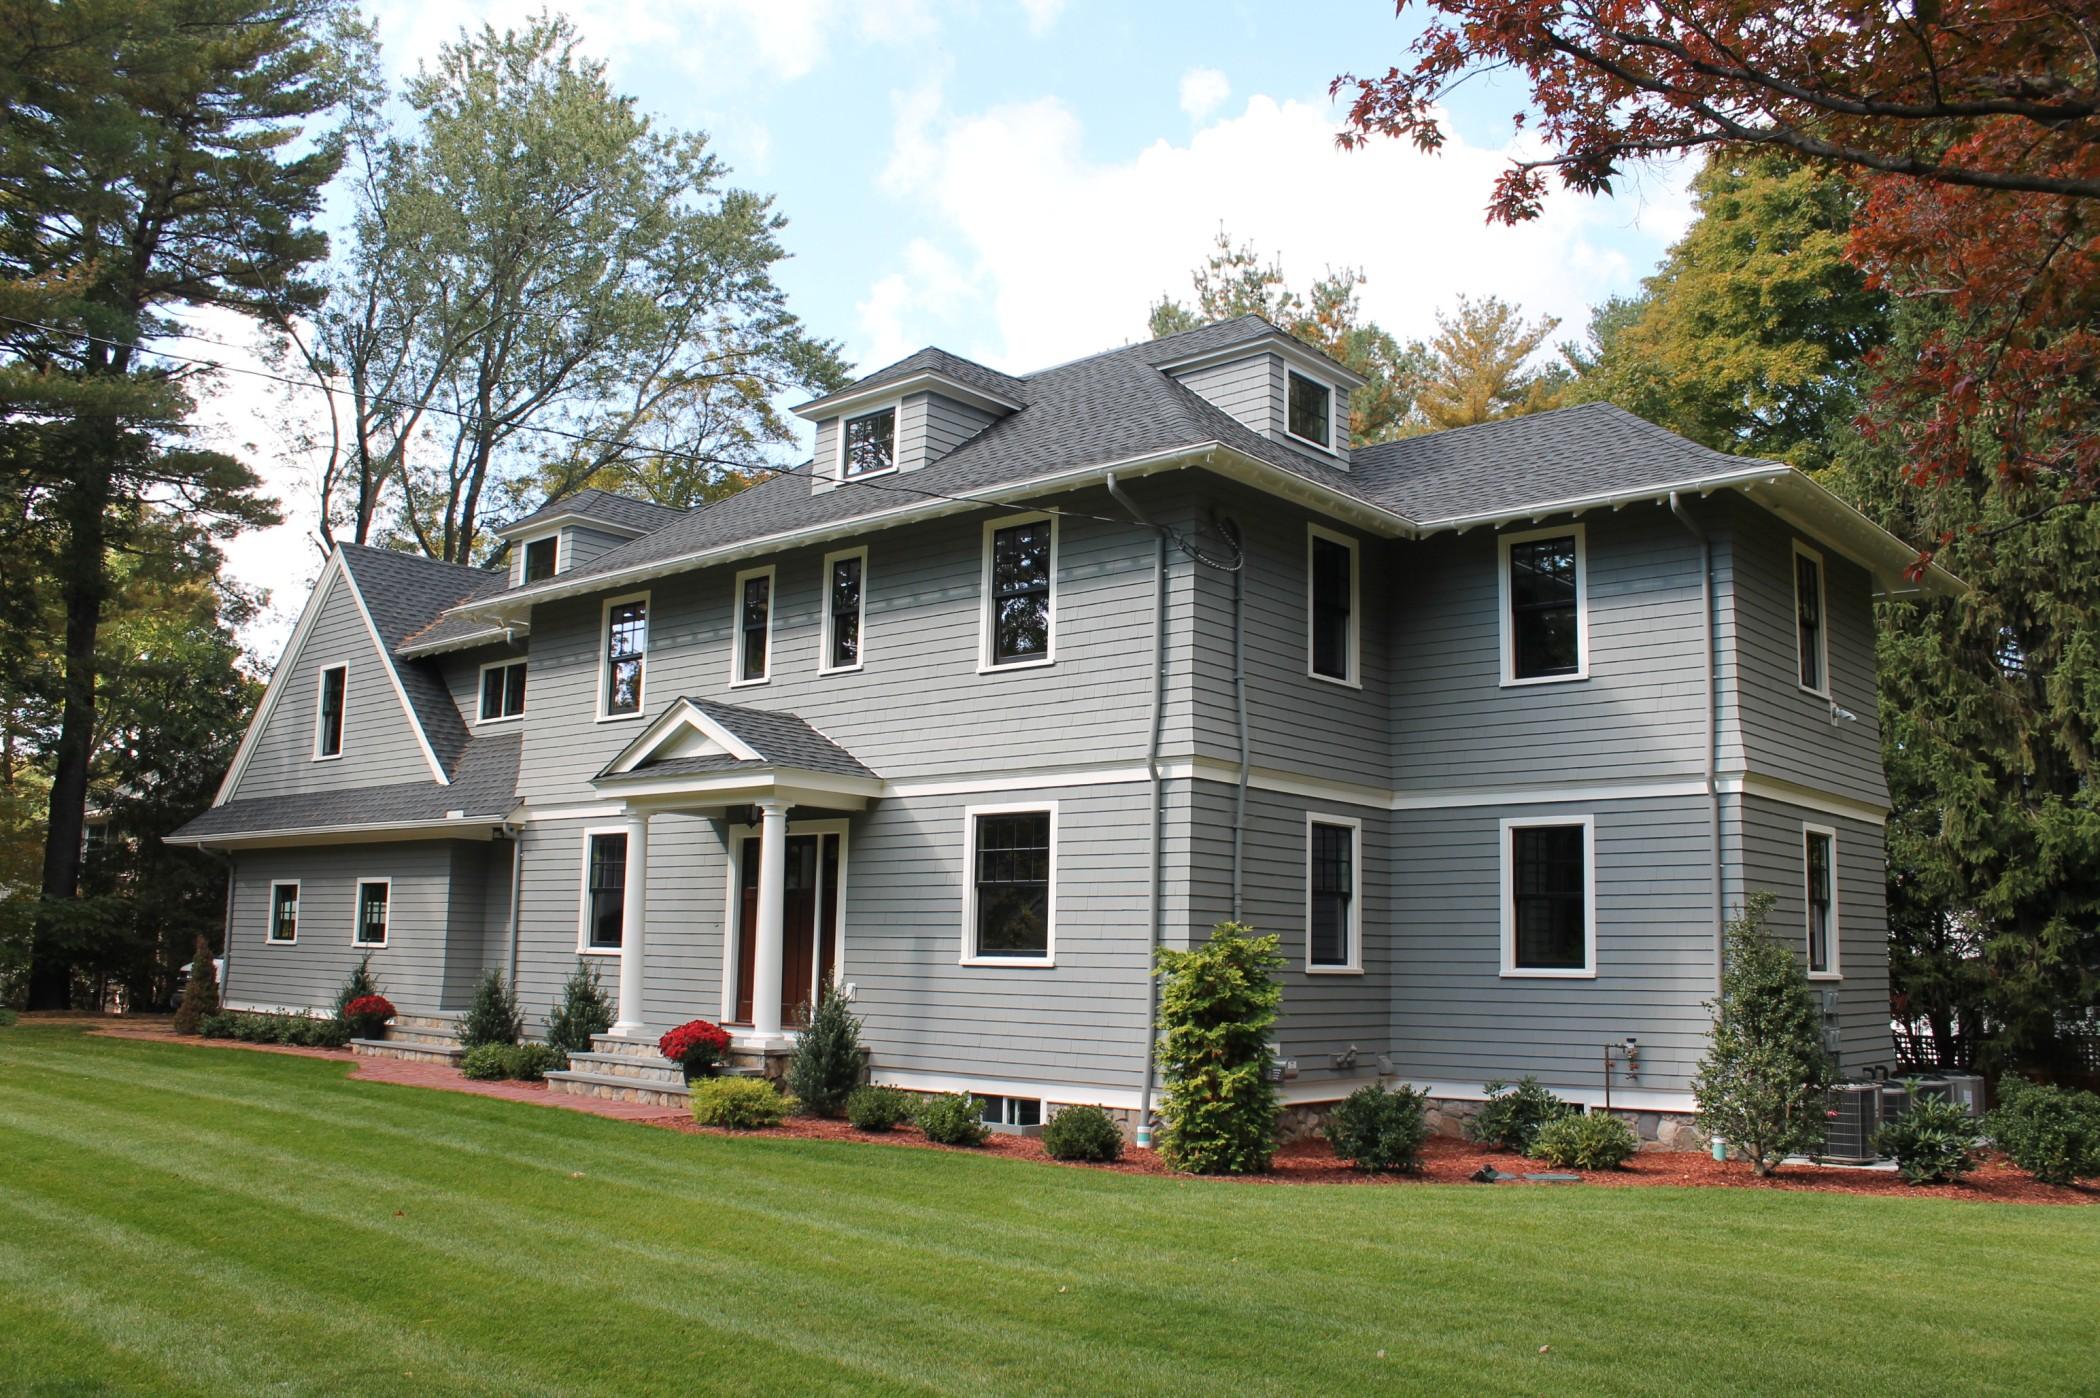 단독 가정 주택 용 매매 에 Munroe Hill! 5 Washington Street Lexington, 매사추세츠, 02421 미국